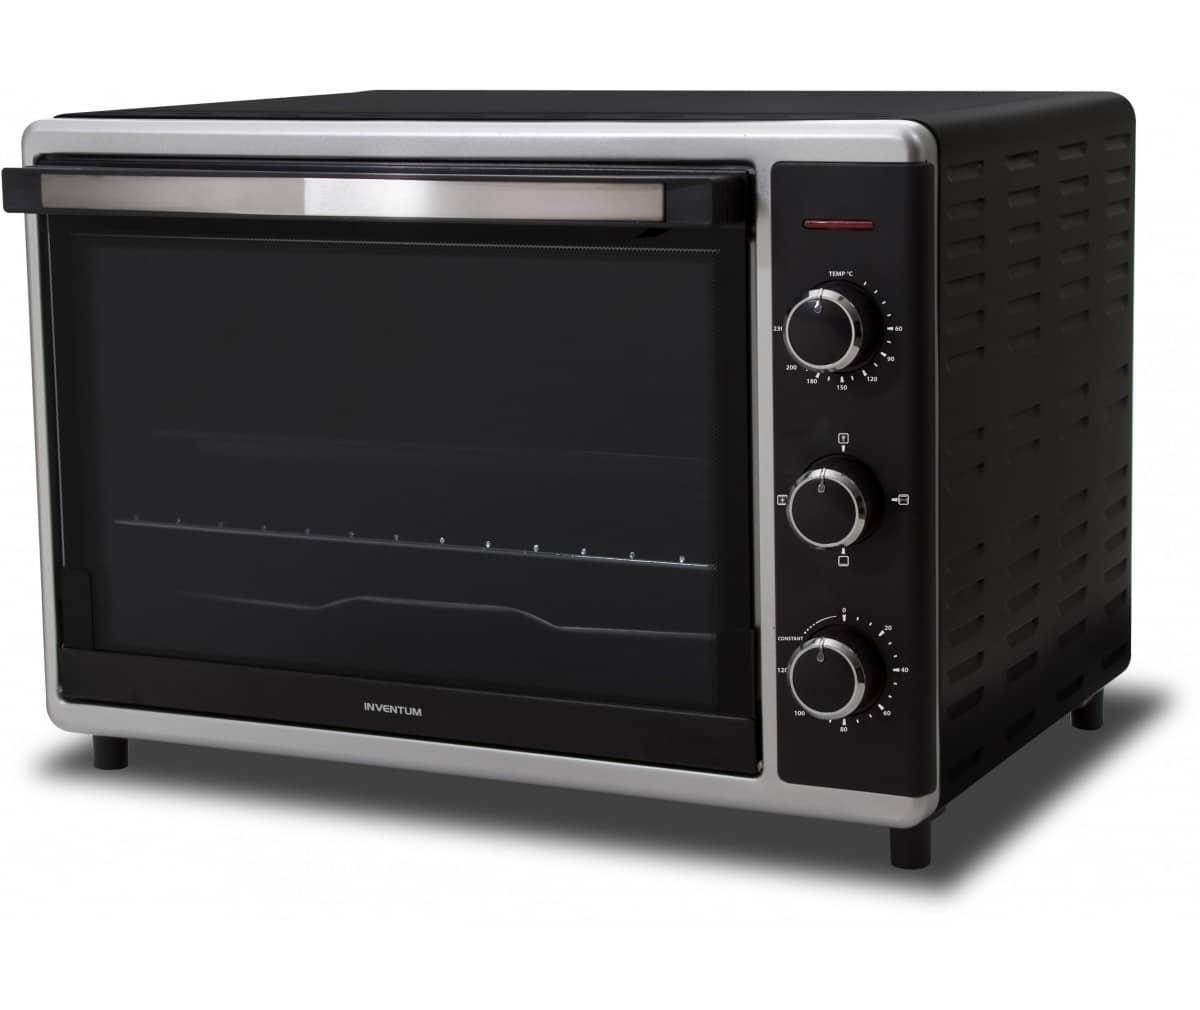 Deschouwwitgoed - Oven